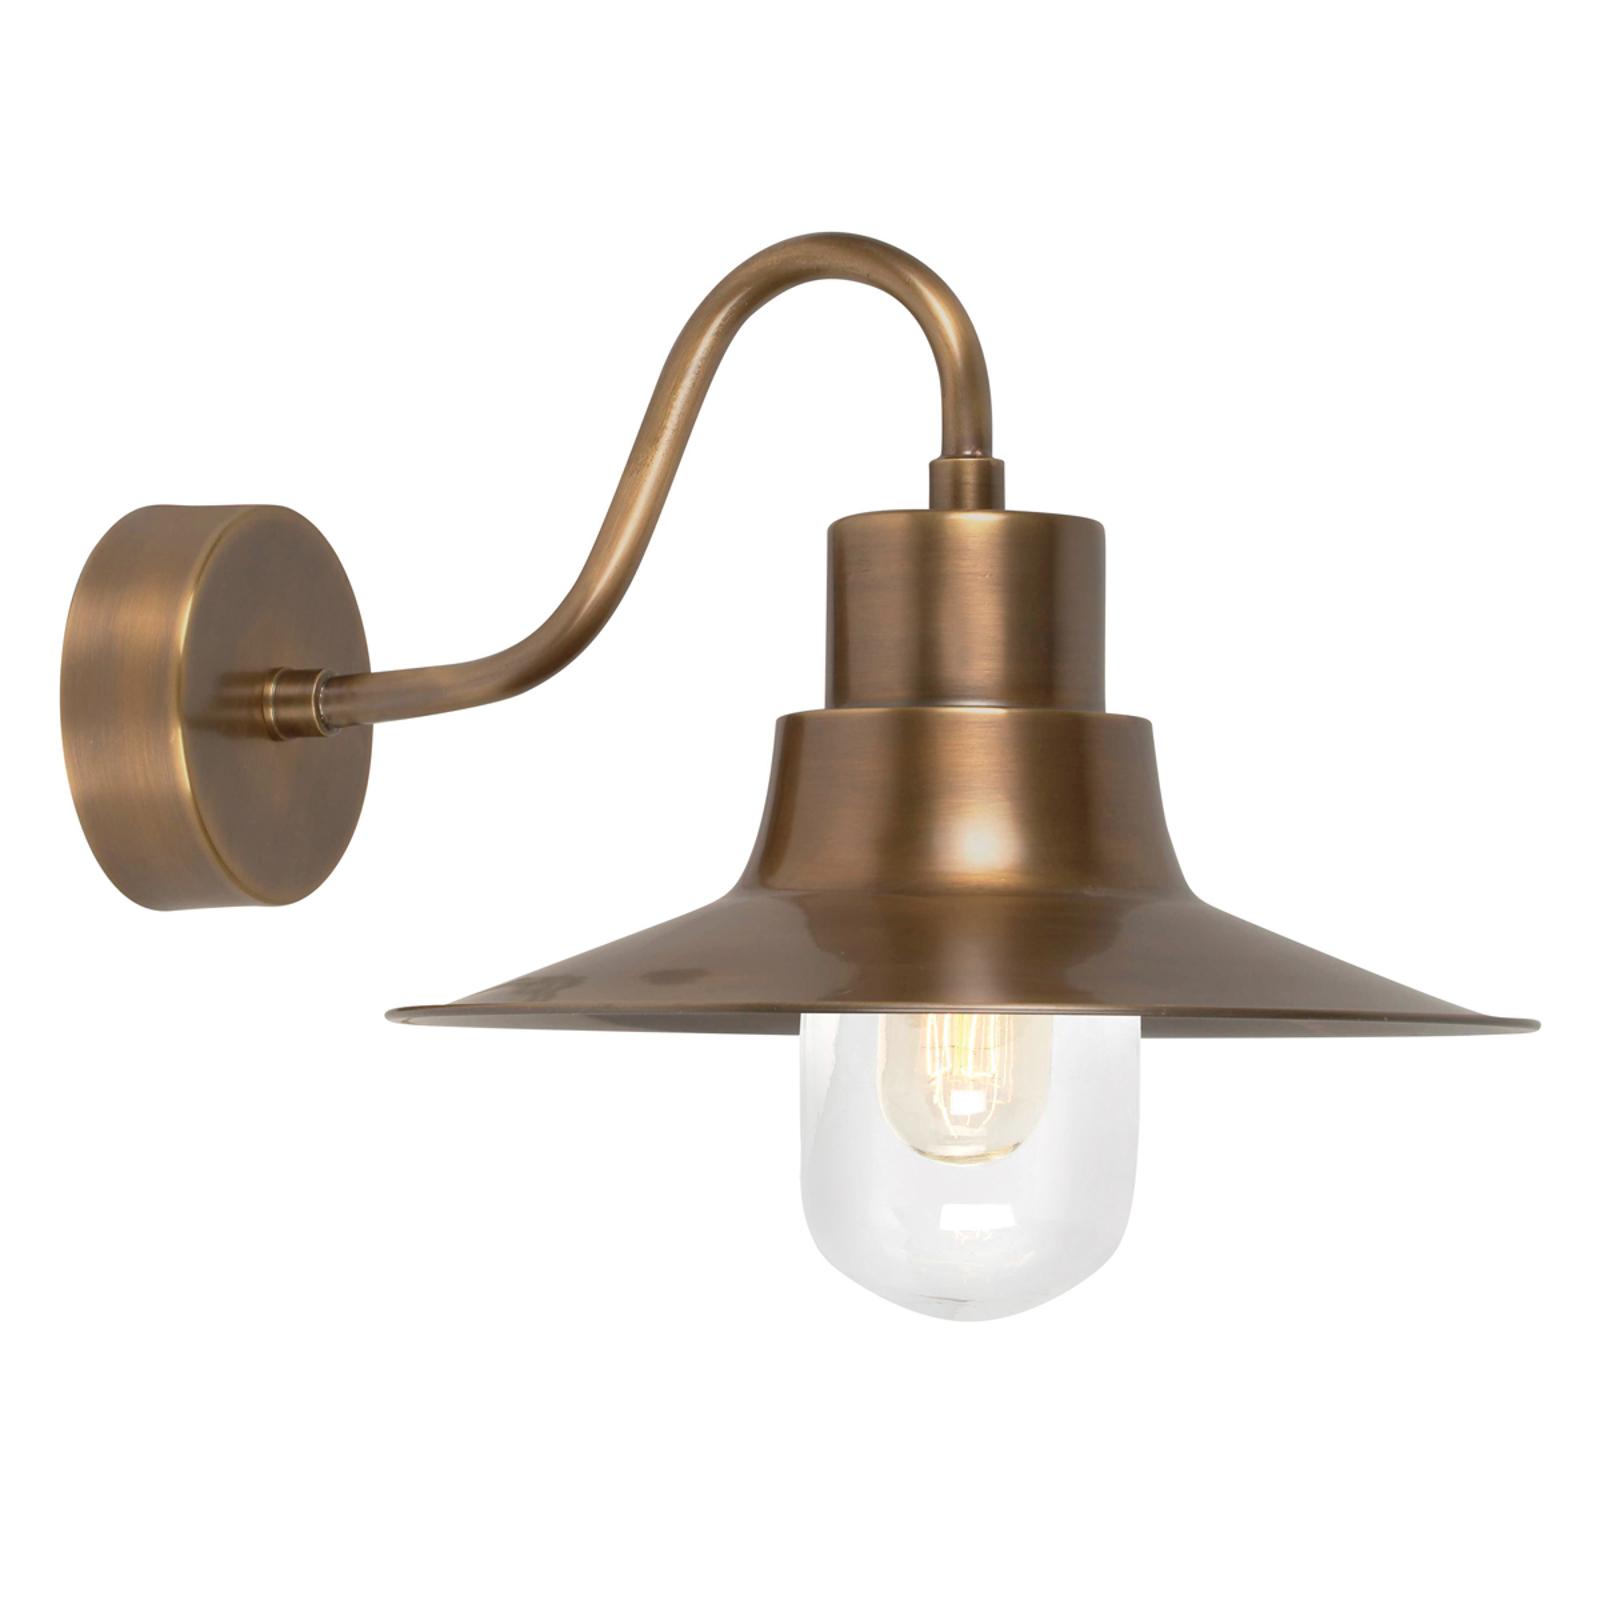 Messing-Außenwandlampe Sheldon